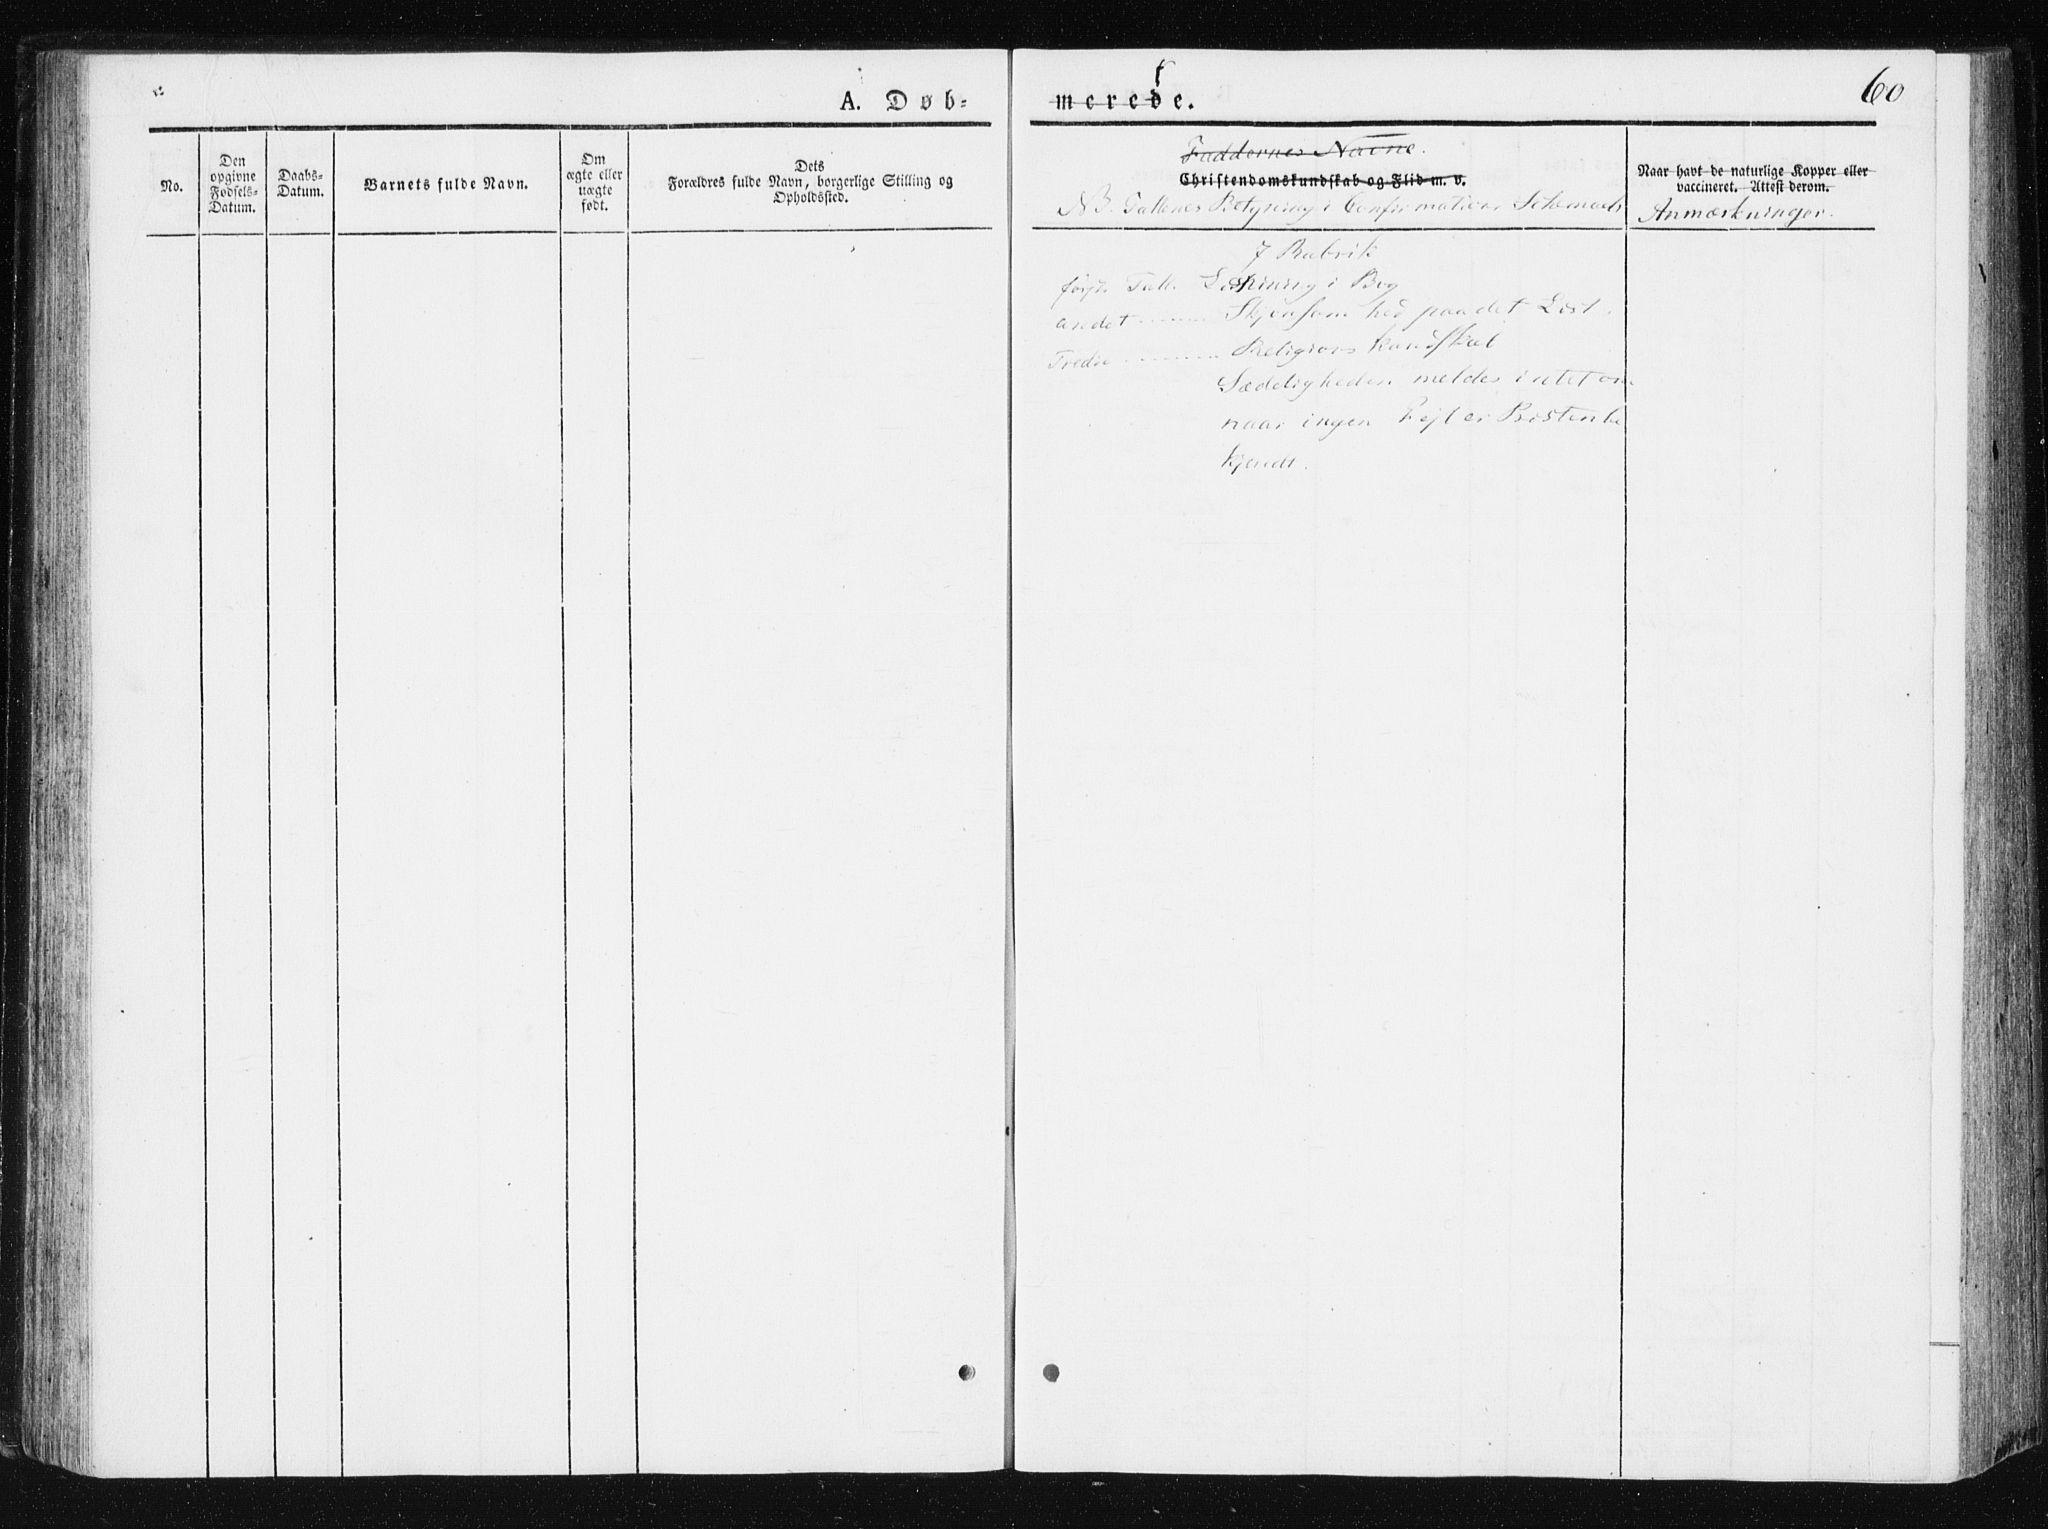 SAT, Ministerialprotokoller, klokkerbøker og fødselsregistre - Nord-Trøndelag, 749/L0470: Ministerialbok nr. 749A04, 1834-1853, s. 60